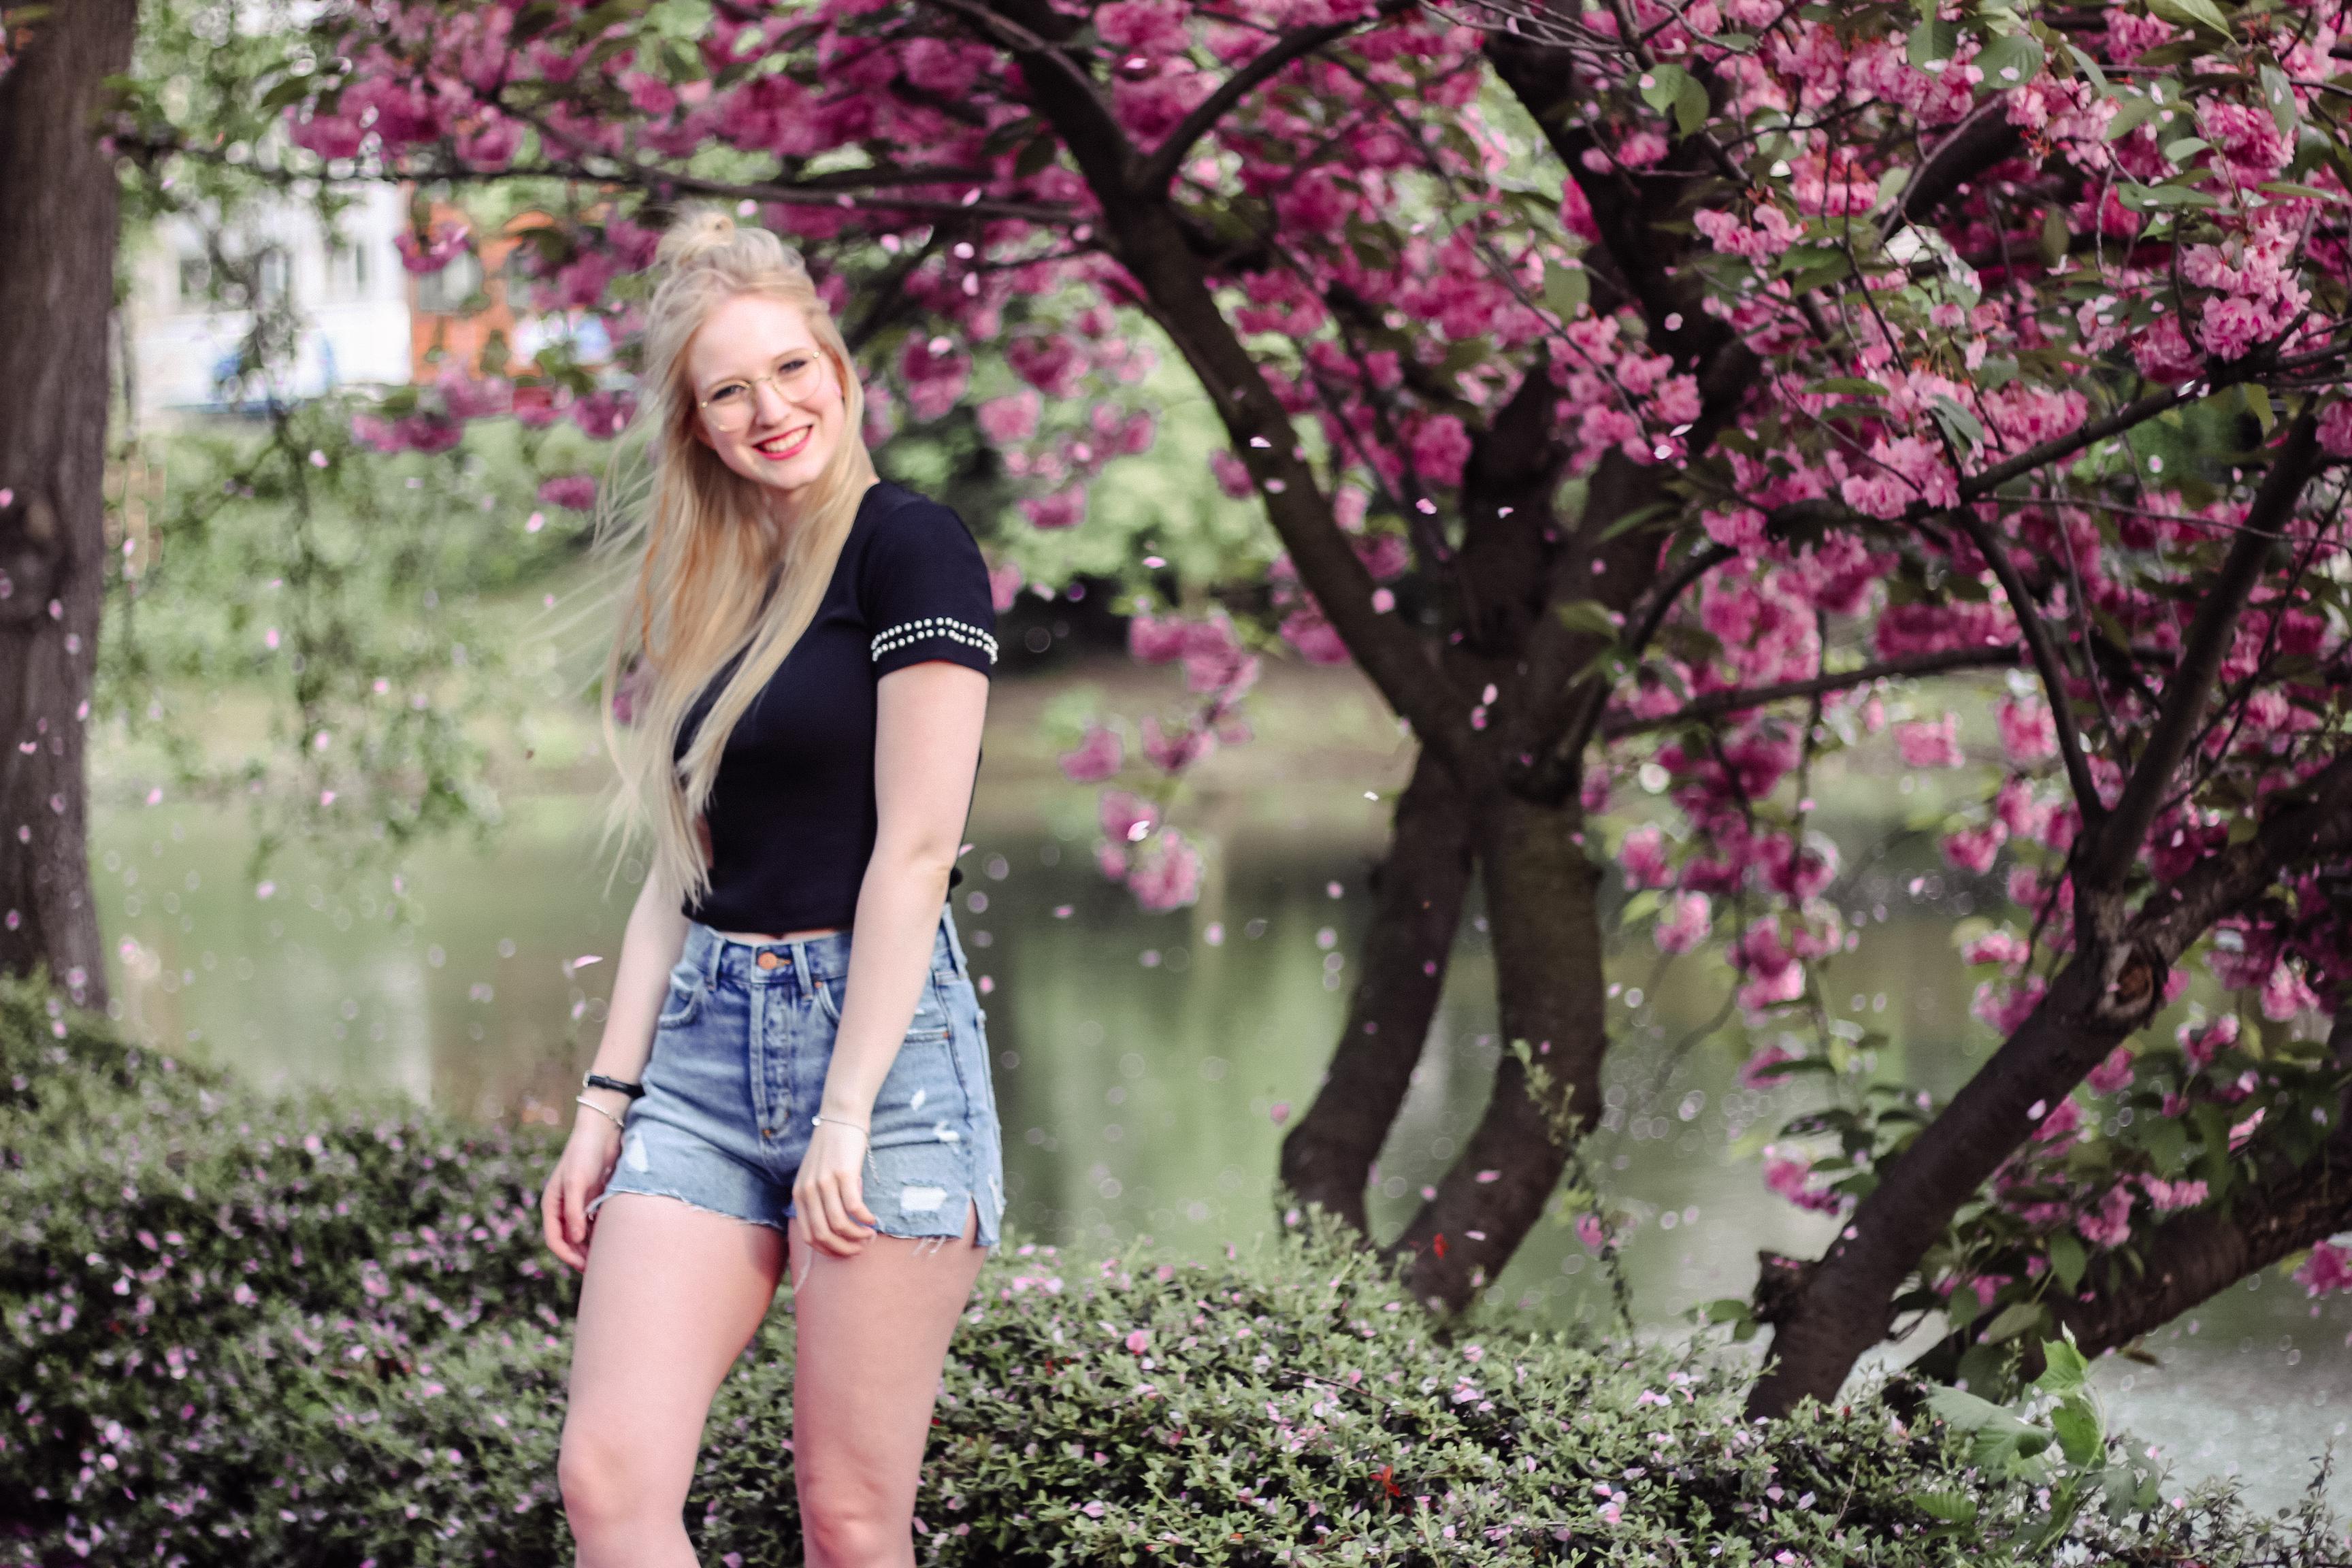 Frühlingsfieber, Düsseldorf, Personal, Herzenssachen, Blogger, Umzug, Großstadt, Kirchblüten, Photography, Shooting, Modeblogger, Fashionblogger